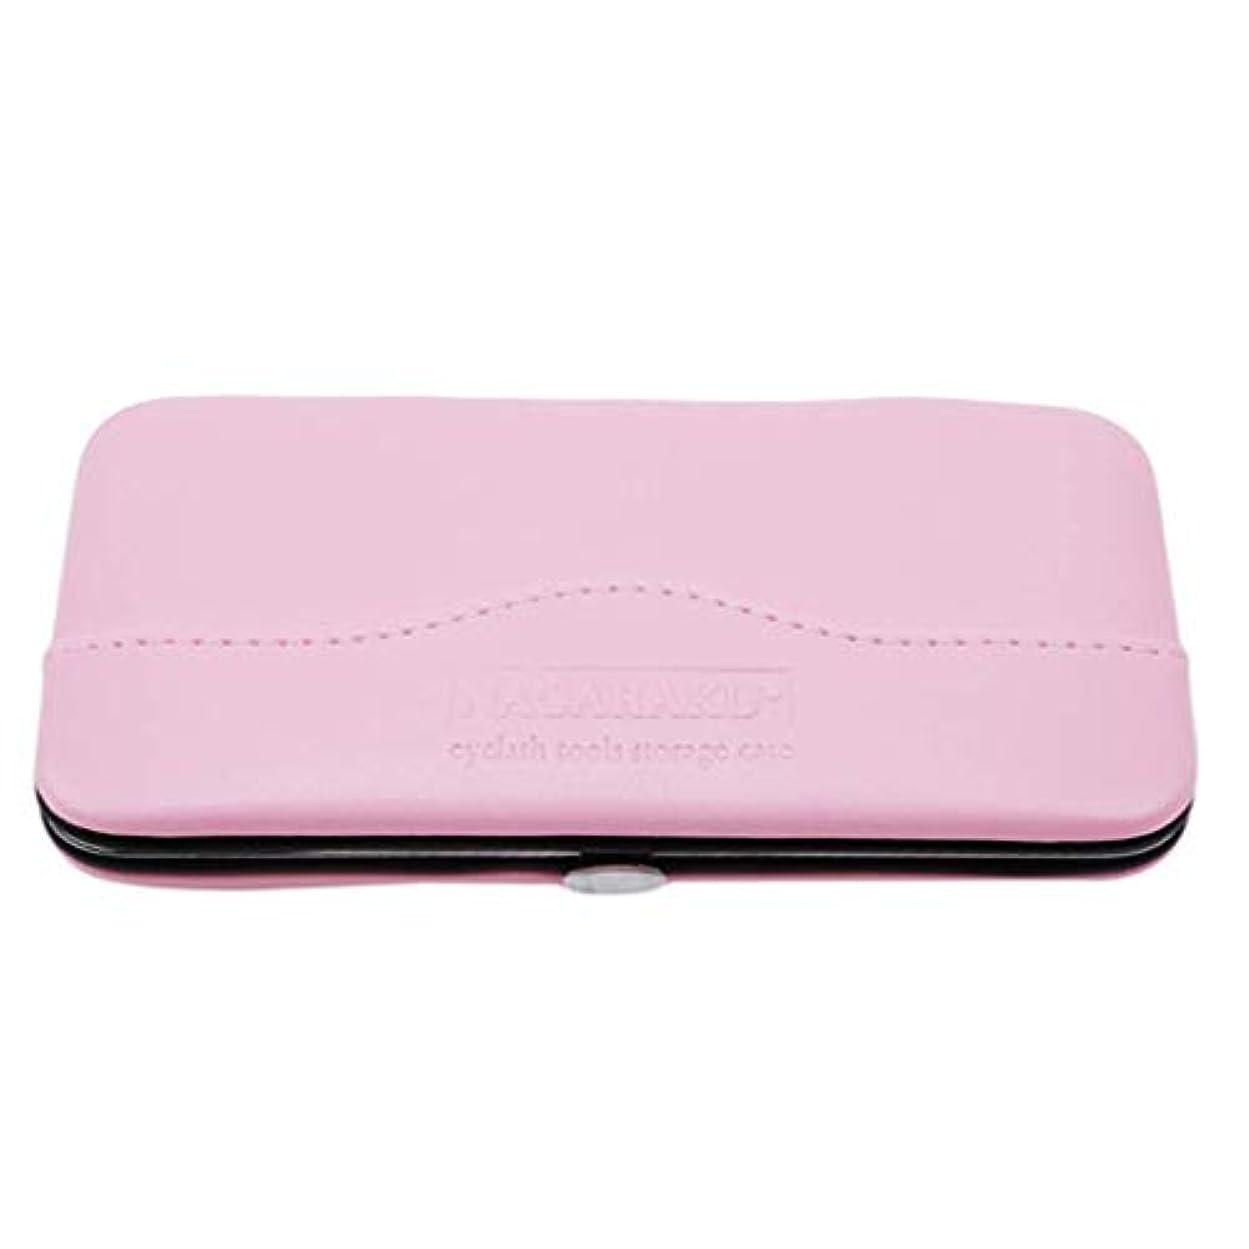 印刷するほぼ優雅1st market プレミアム品質1ピース化粧道具バッグ用まつげエクステンションピンセット収納ボックスケース